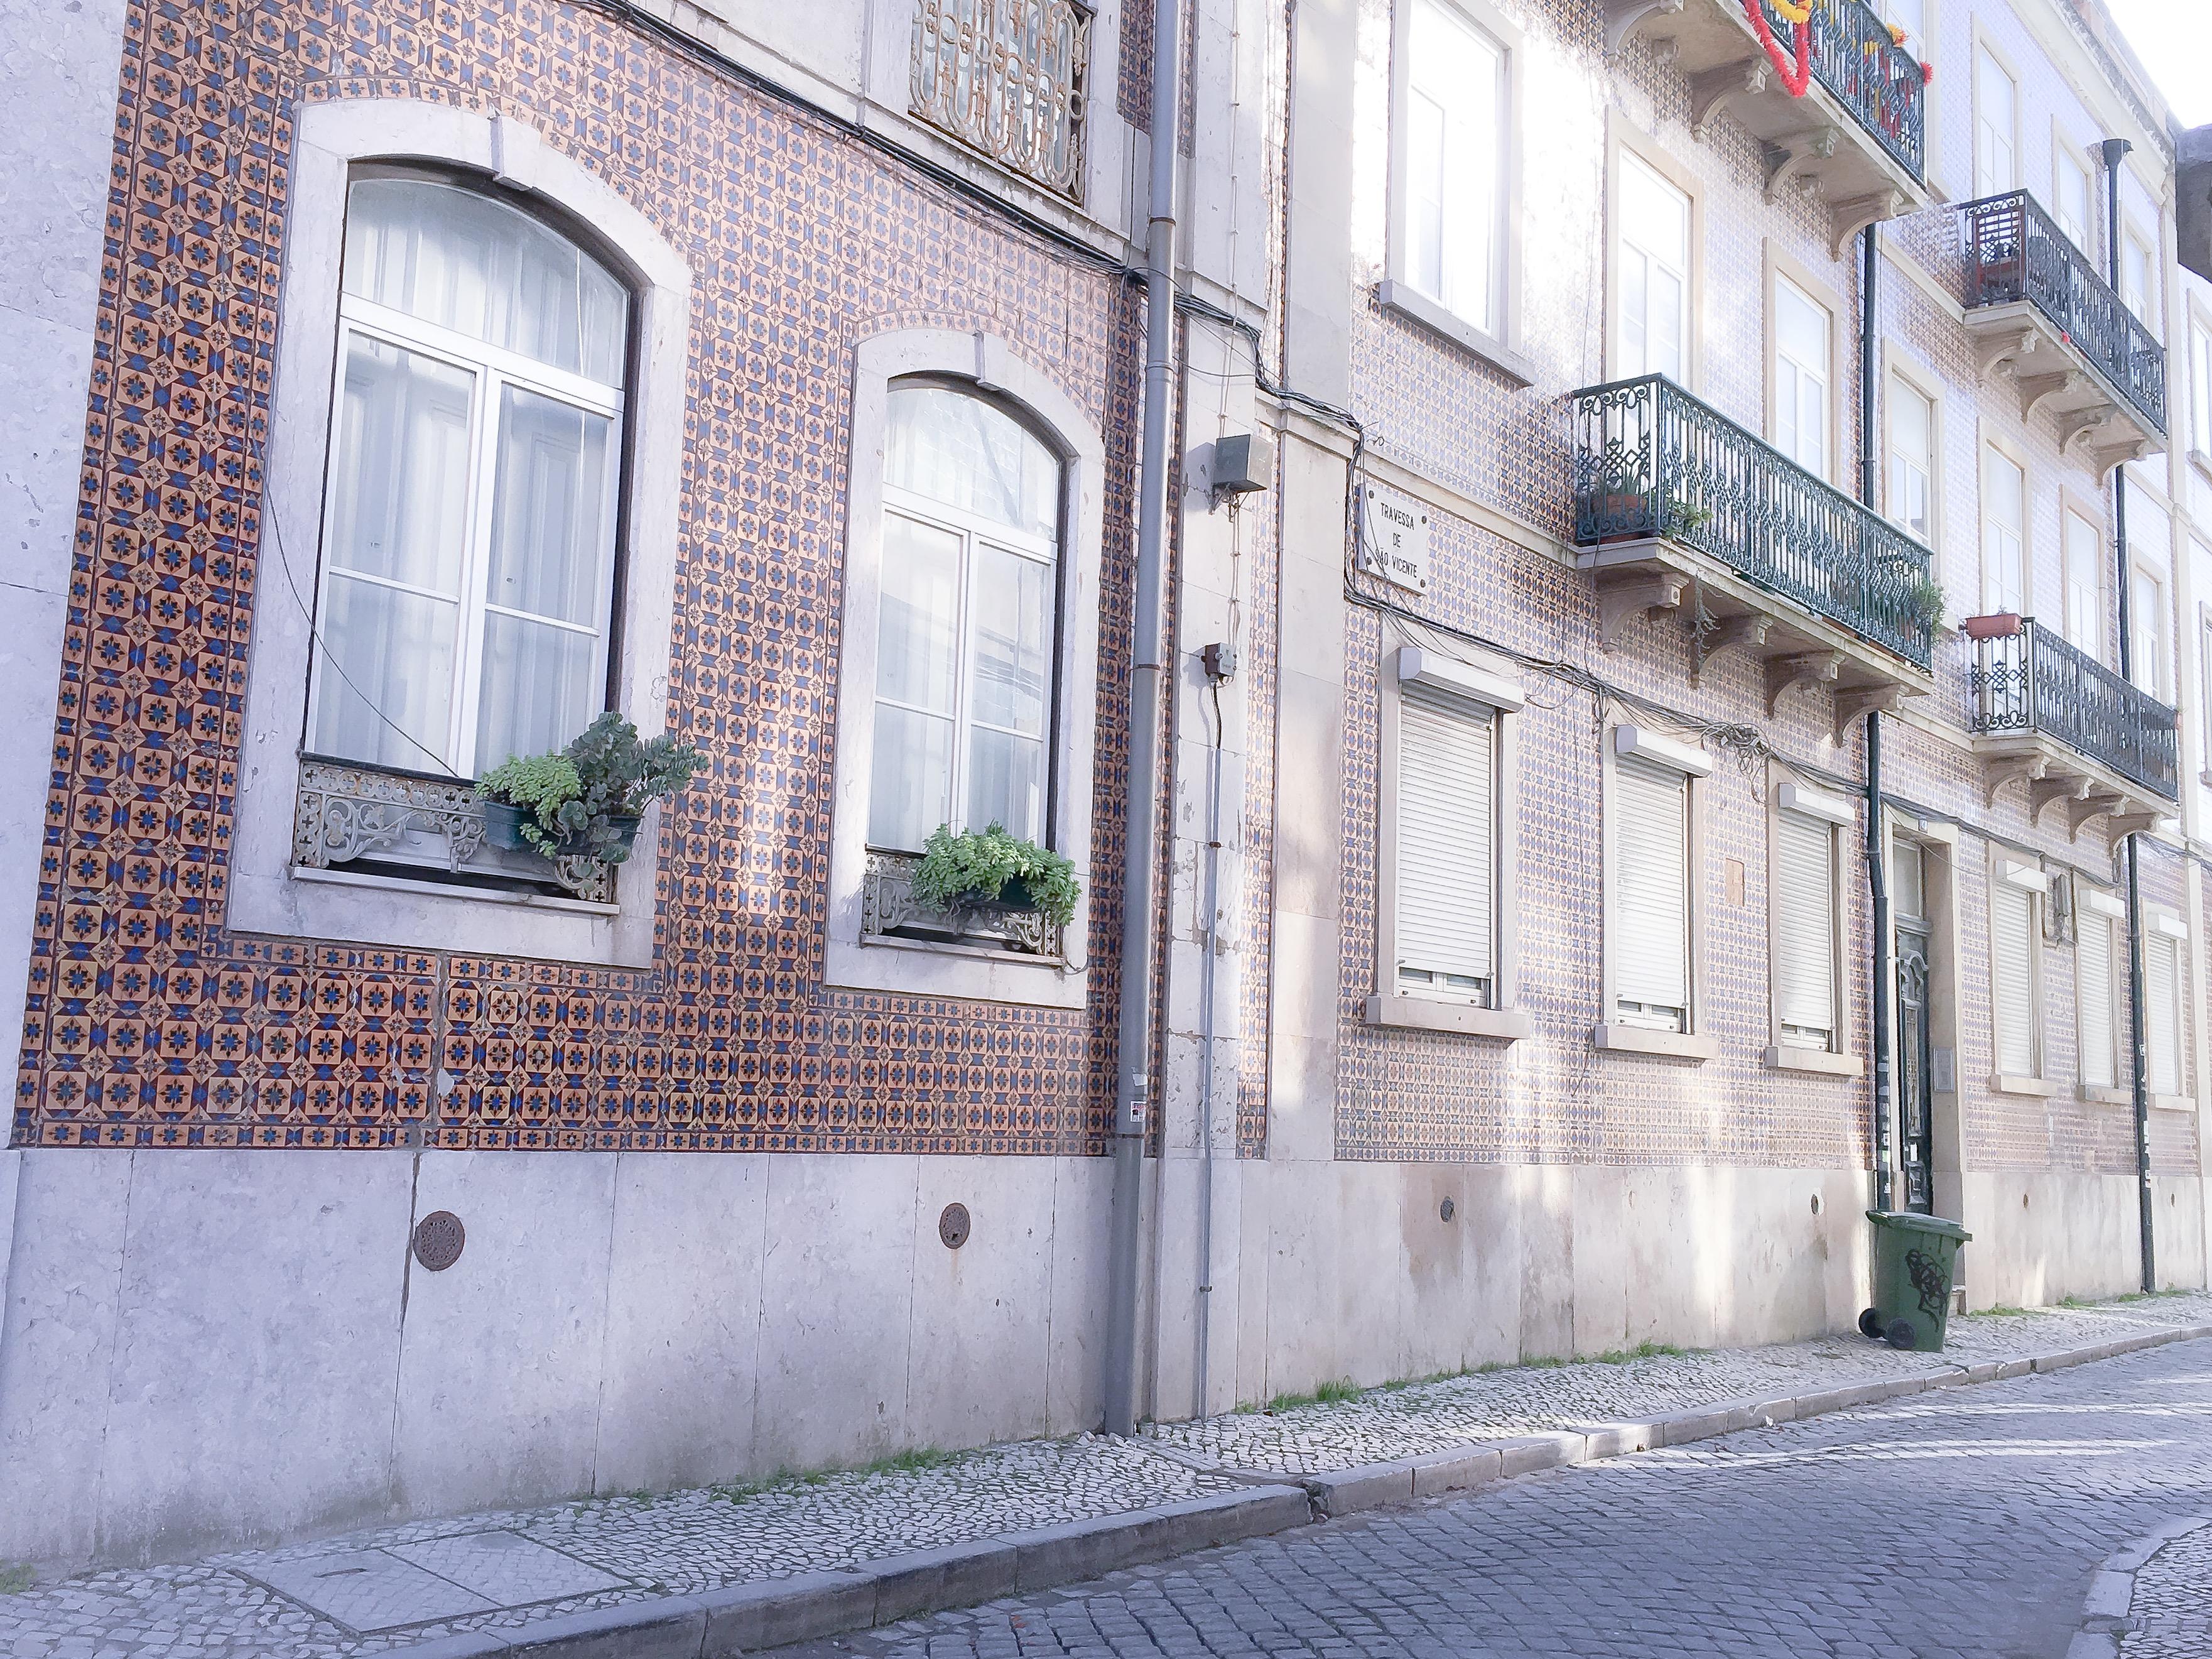 latelier-delisa-immeuble-voyage-lisbonne-carreaux-azulejos